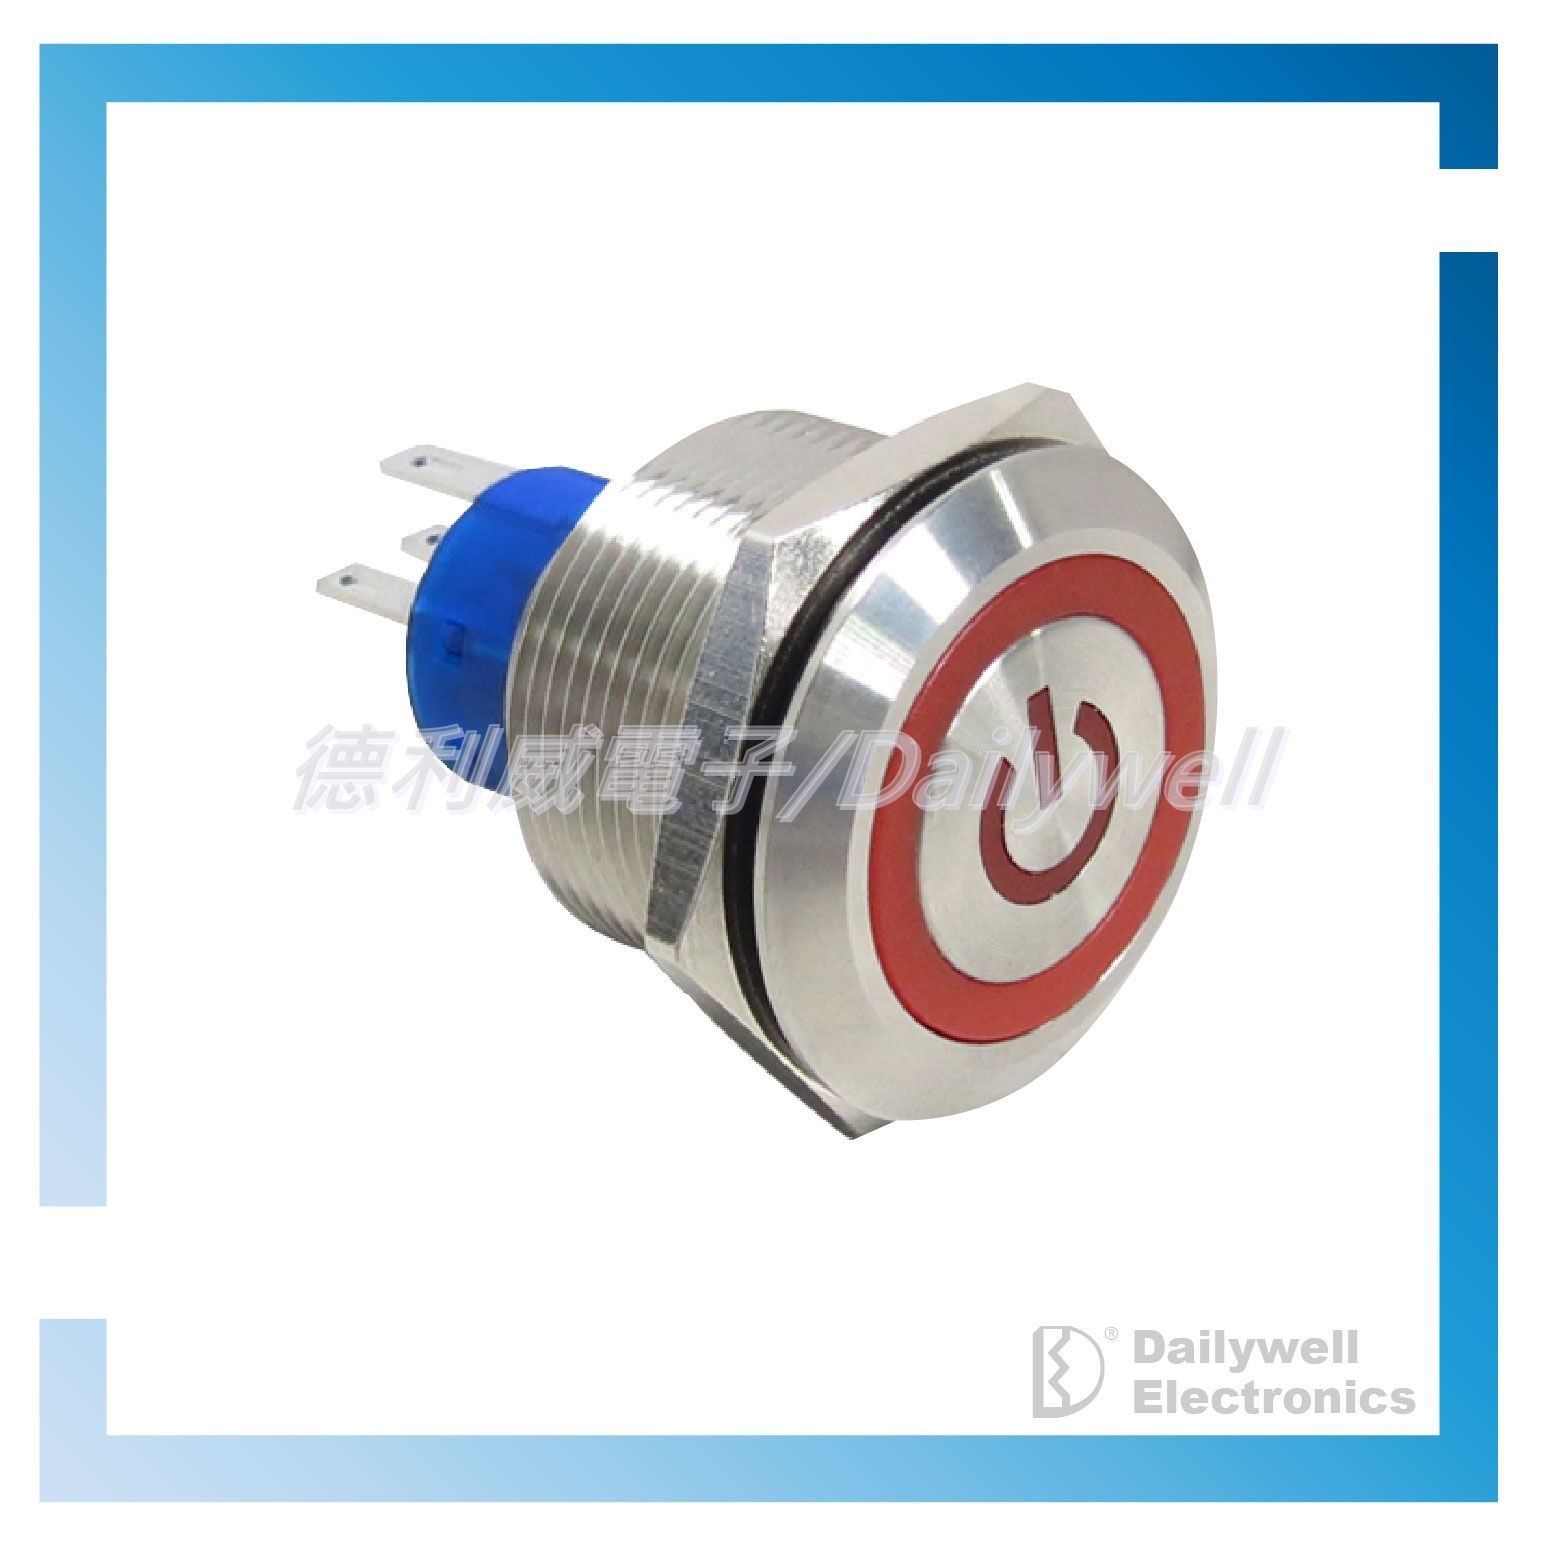 25mm Anti-vandal Pushbutton Switches